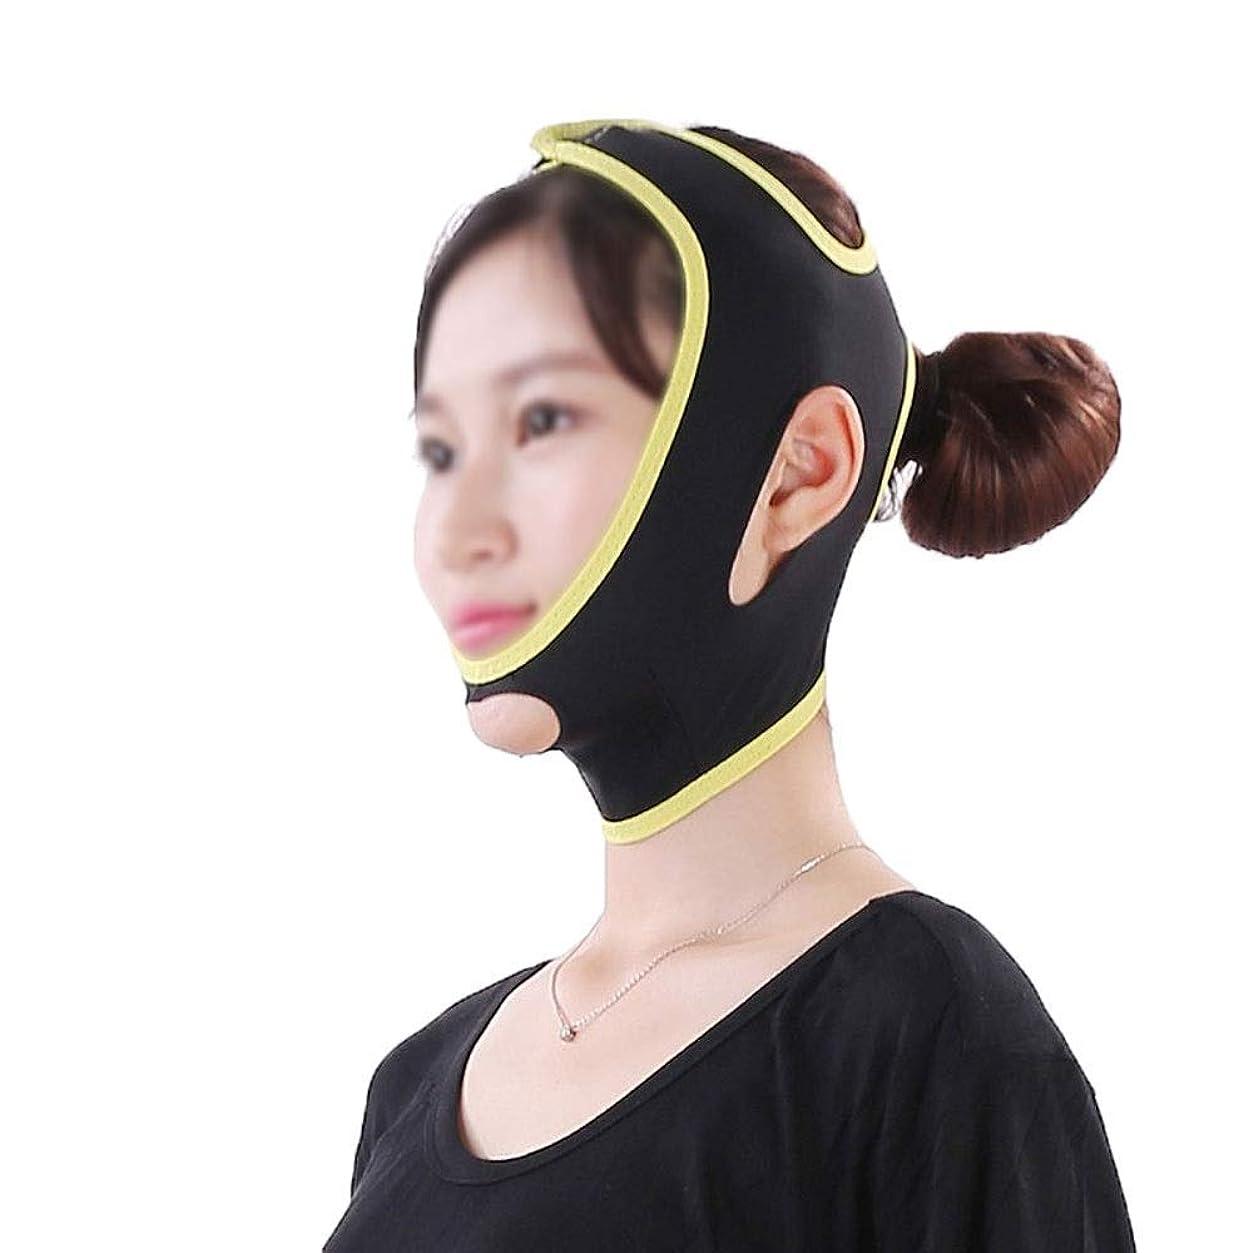 バンケットオーナー観客フェイス&ネックリフト、フェイスリフトマスク強力なフェイスマスクフェイスリフトアーチファクトフェイスリフティングフェイスリフティングツールフェイスリフティング包帯シンフェイスマスク美容マスク(サイズ:L)